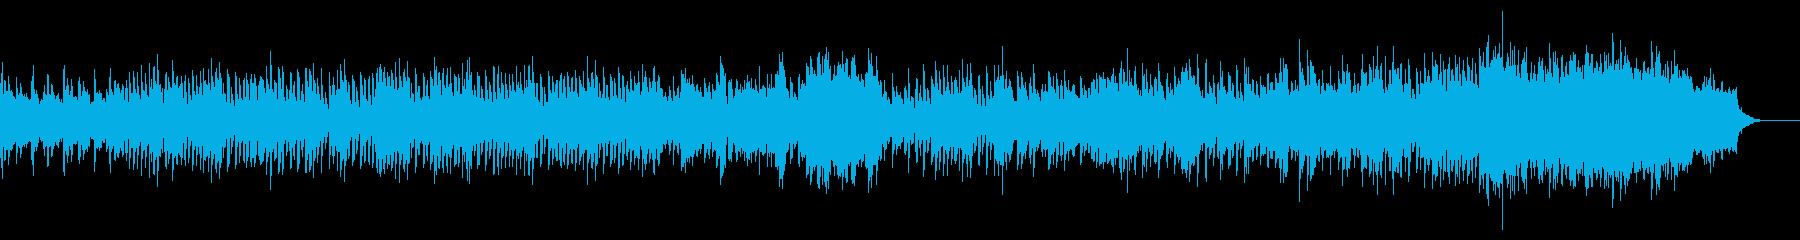 コミカルな和風BGM(盛り上げに!)の再生済みの波形